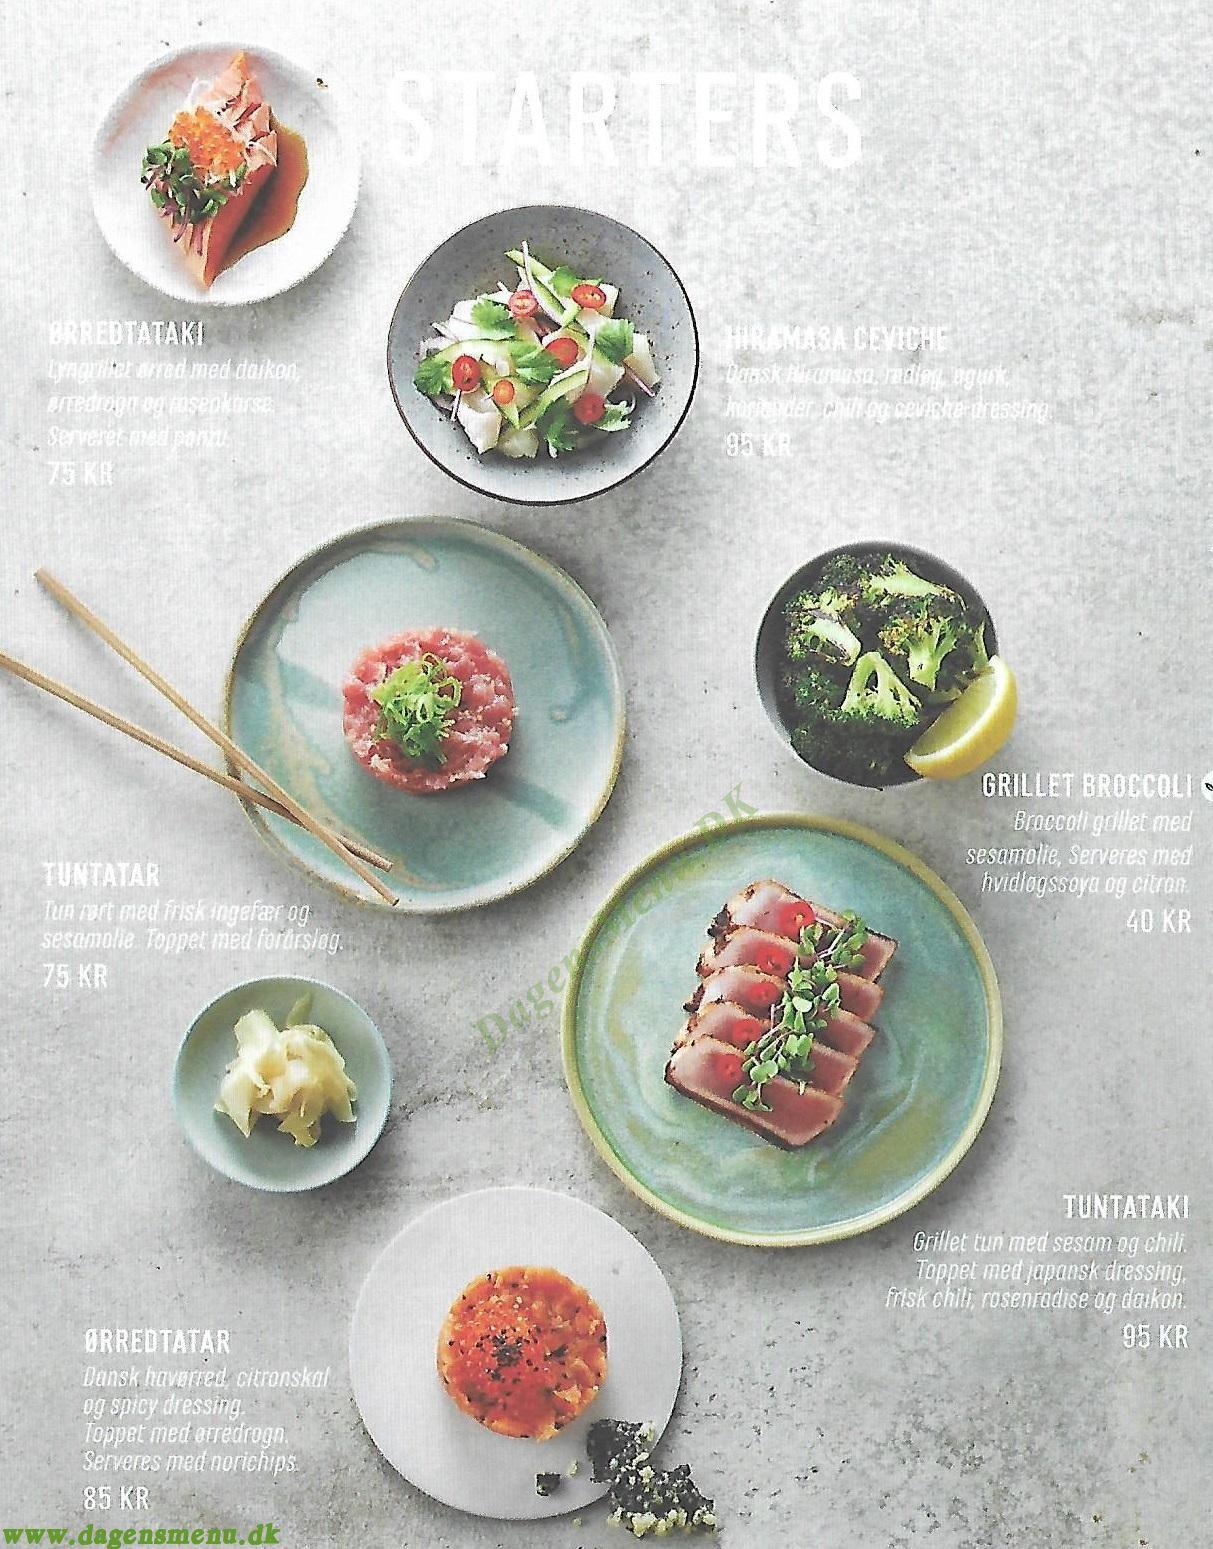 Letz Sushi Fisketorvet - Menukort